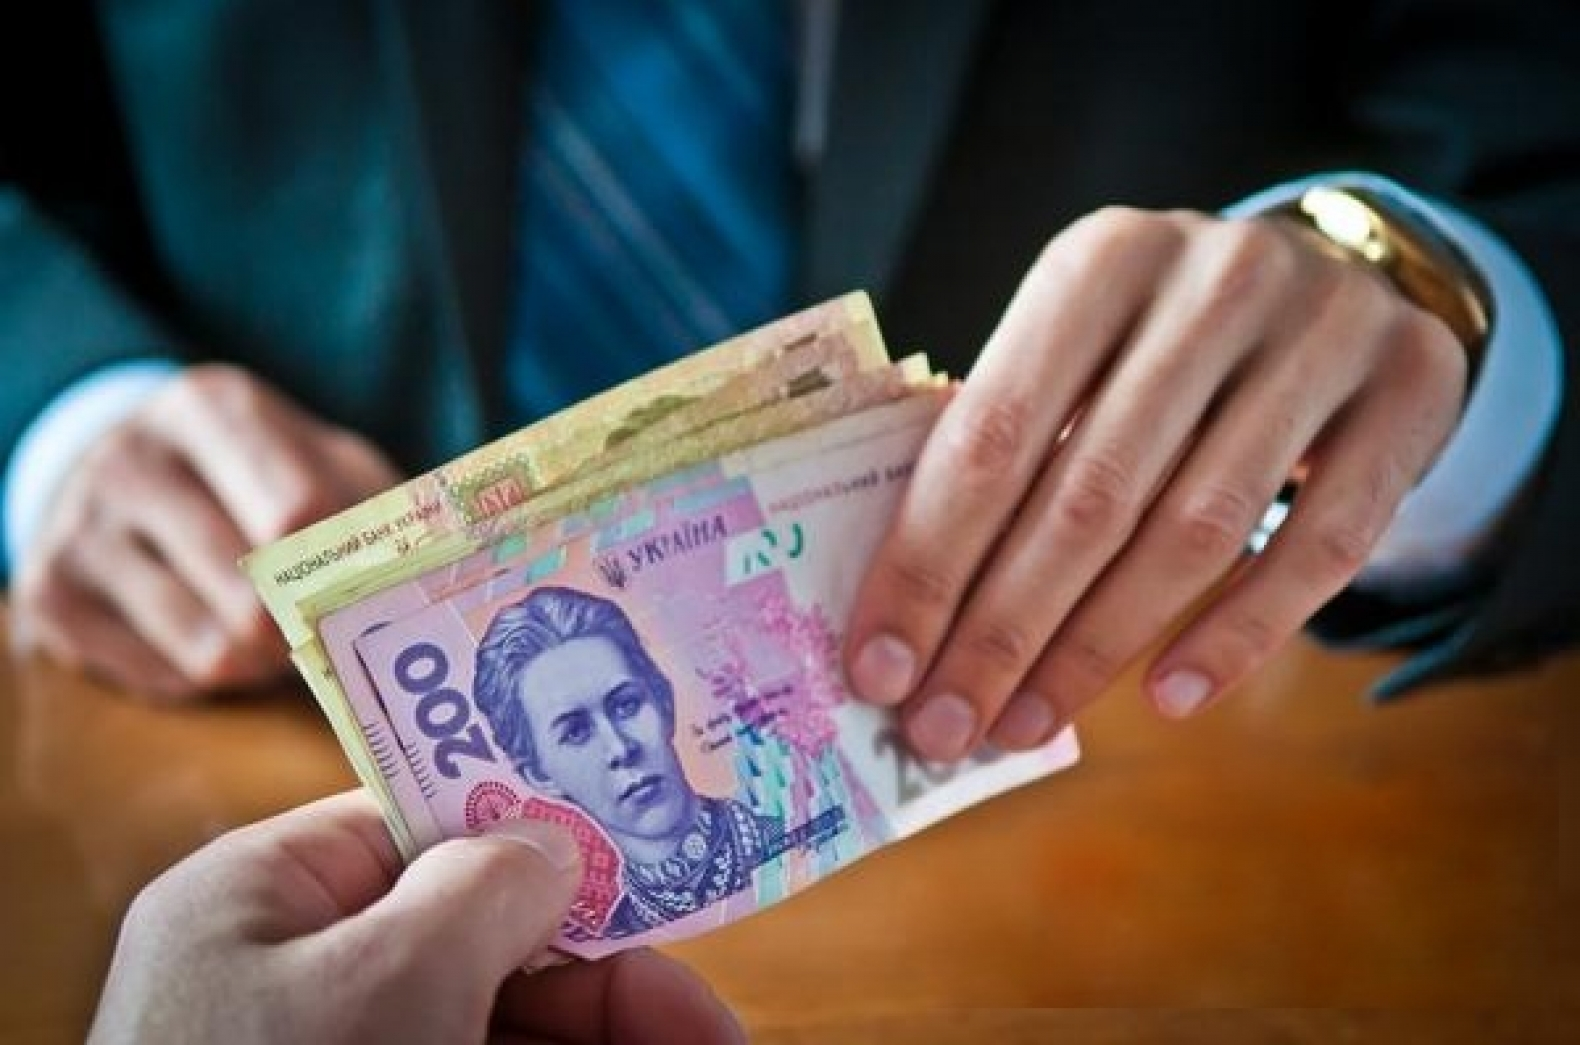 Вот так новость: каждому украинцу придется принудительно заплатить немалую сумму денег